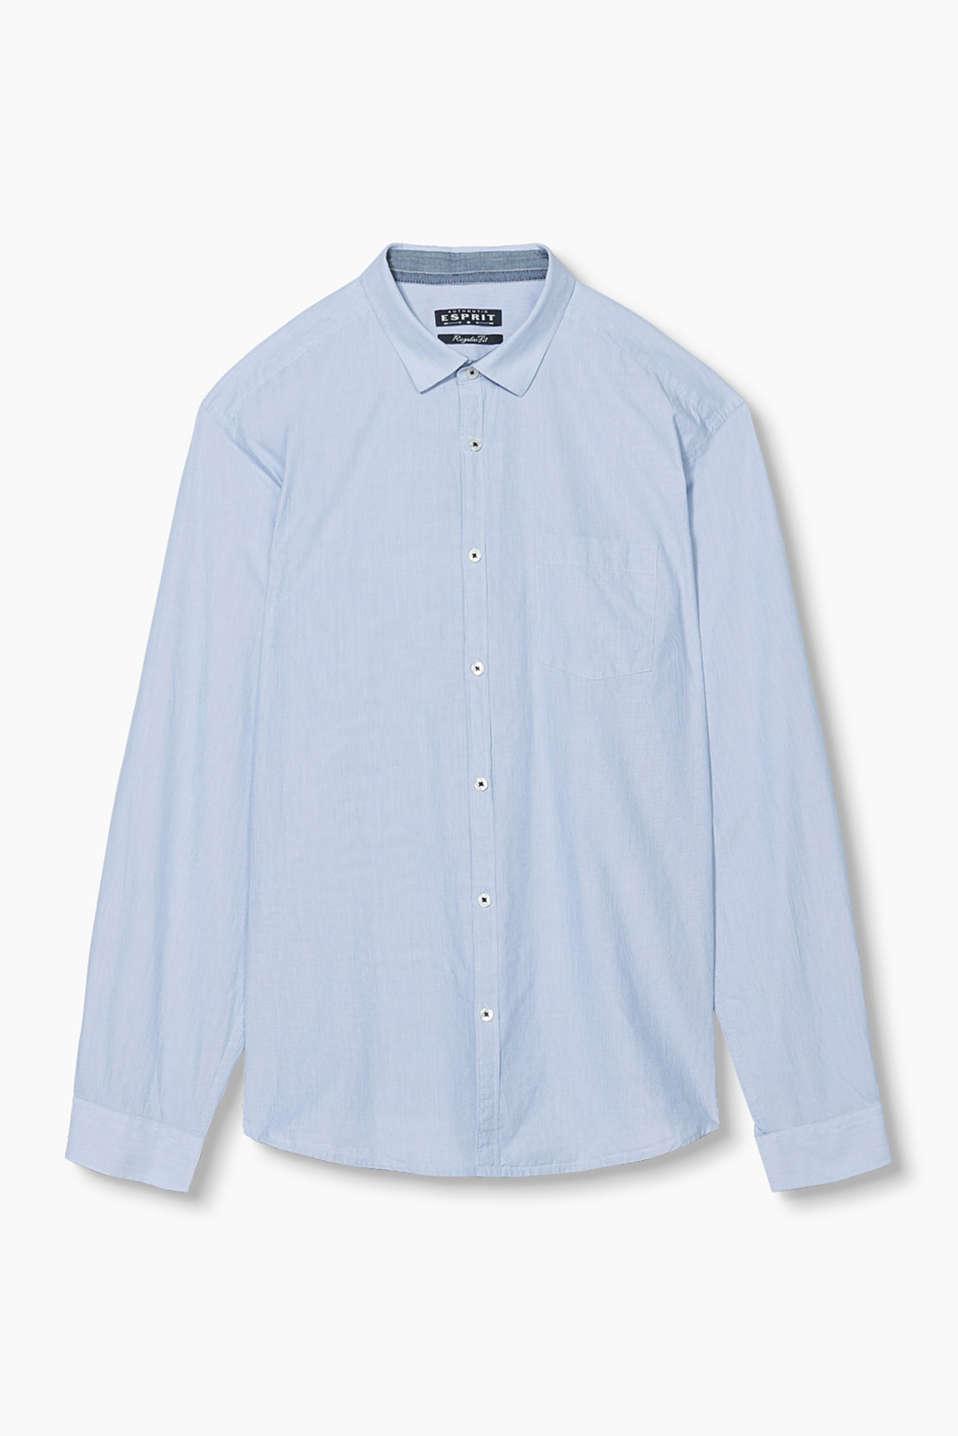 Esprit - Randig skjorta i basmodell cc5469a7f903e